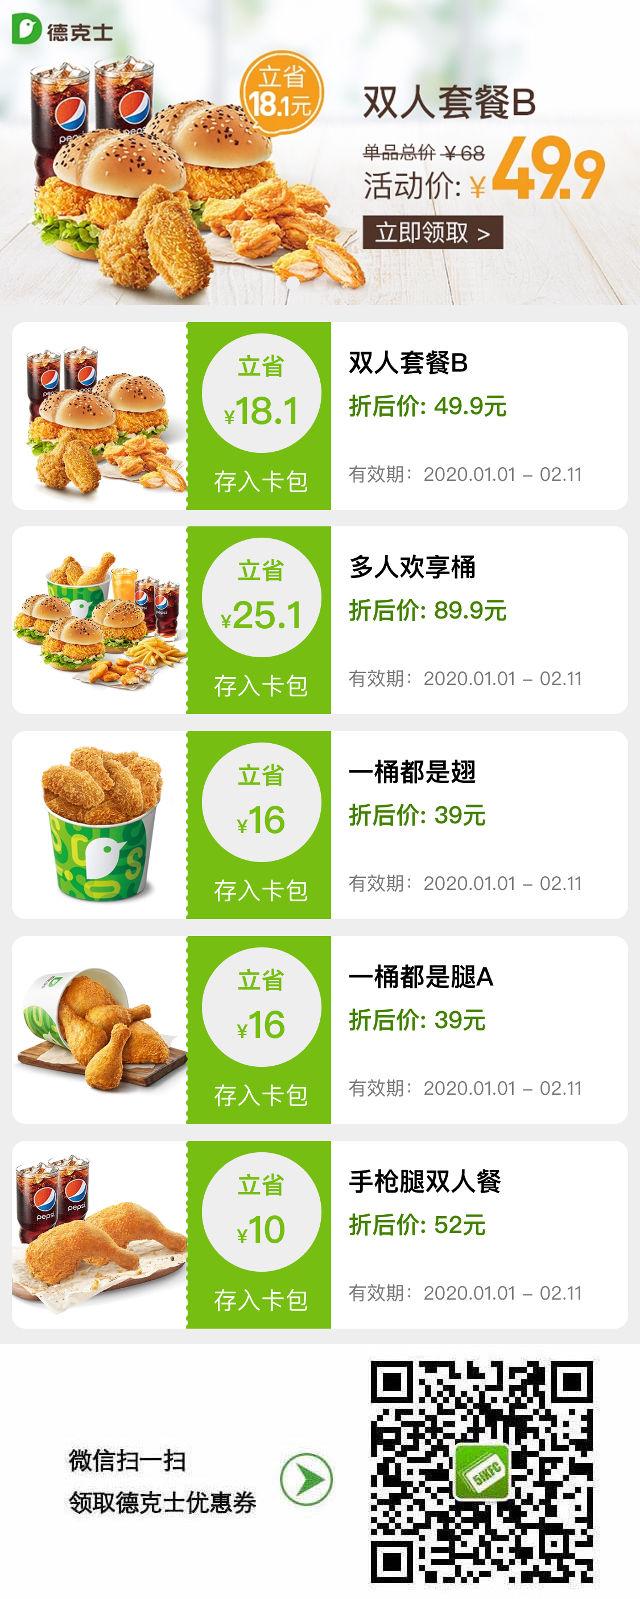 德克士2020年1月2月桶餐套餐优惠券,一桶都是腿、一桶都是翅39元起